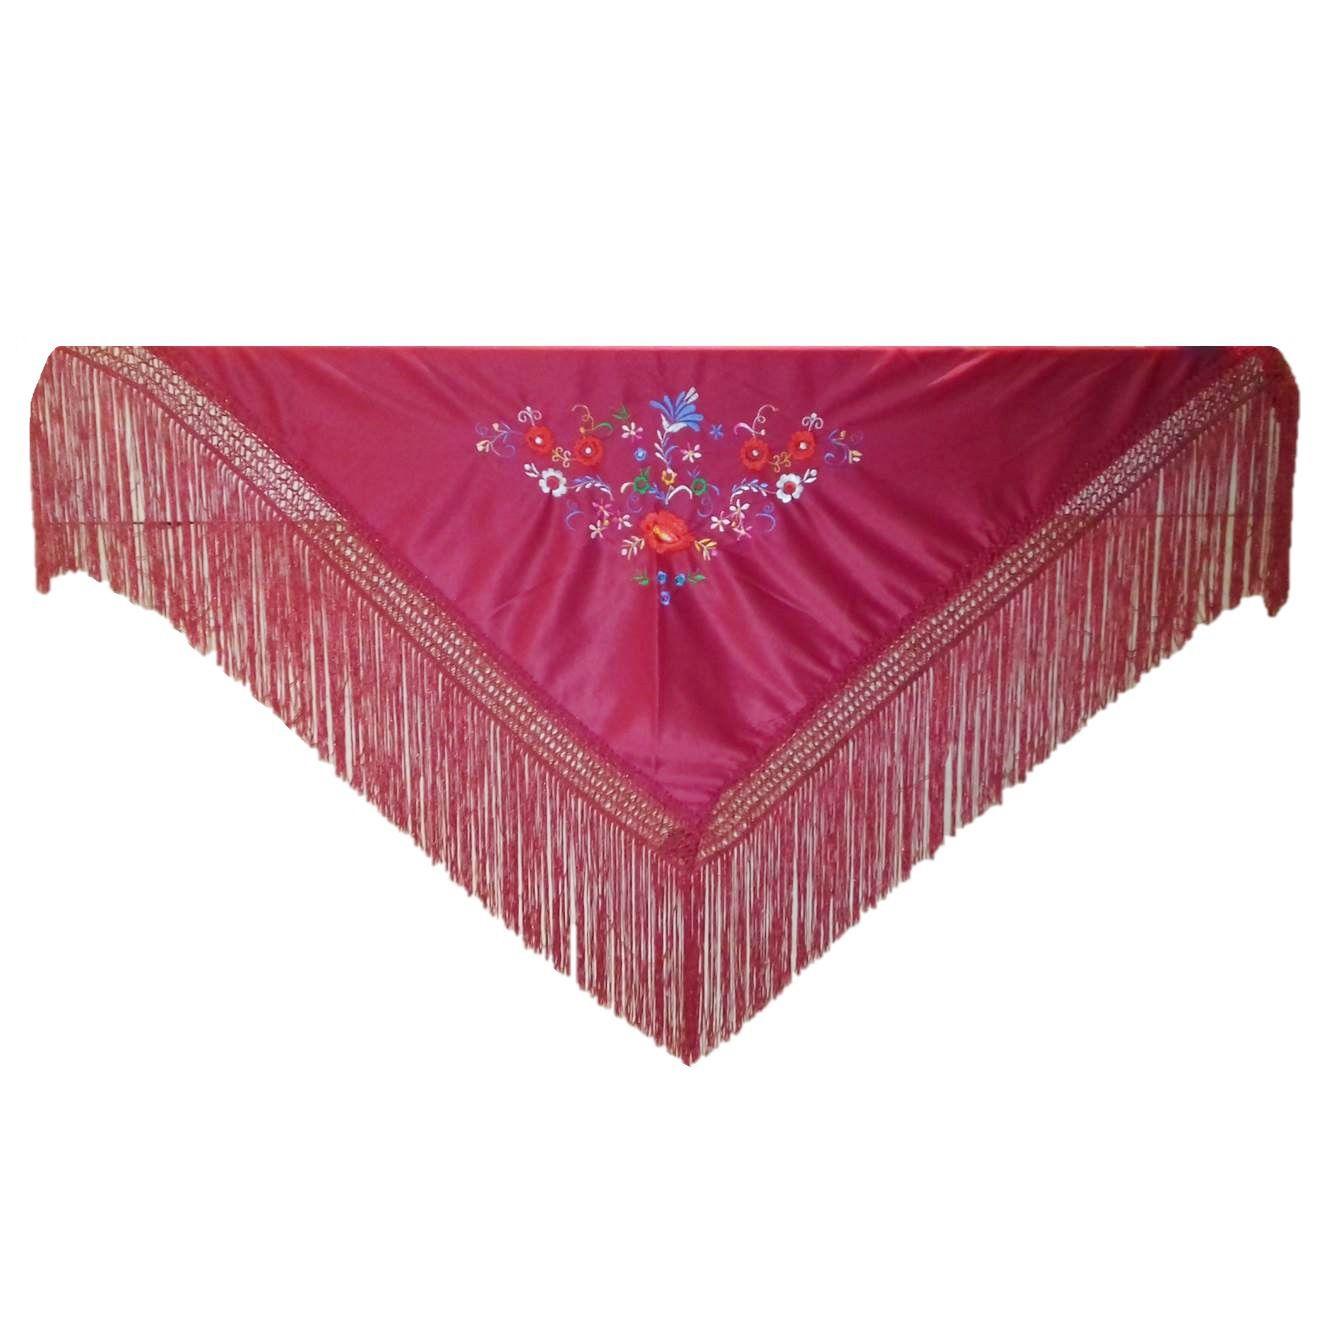 MANTONCILLO xale espanhol bordado flamenco dança cigana várias cores